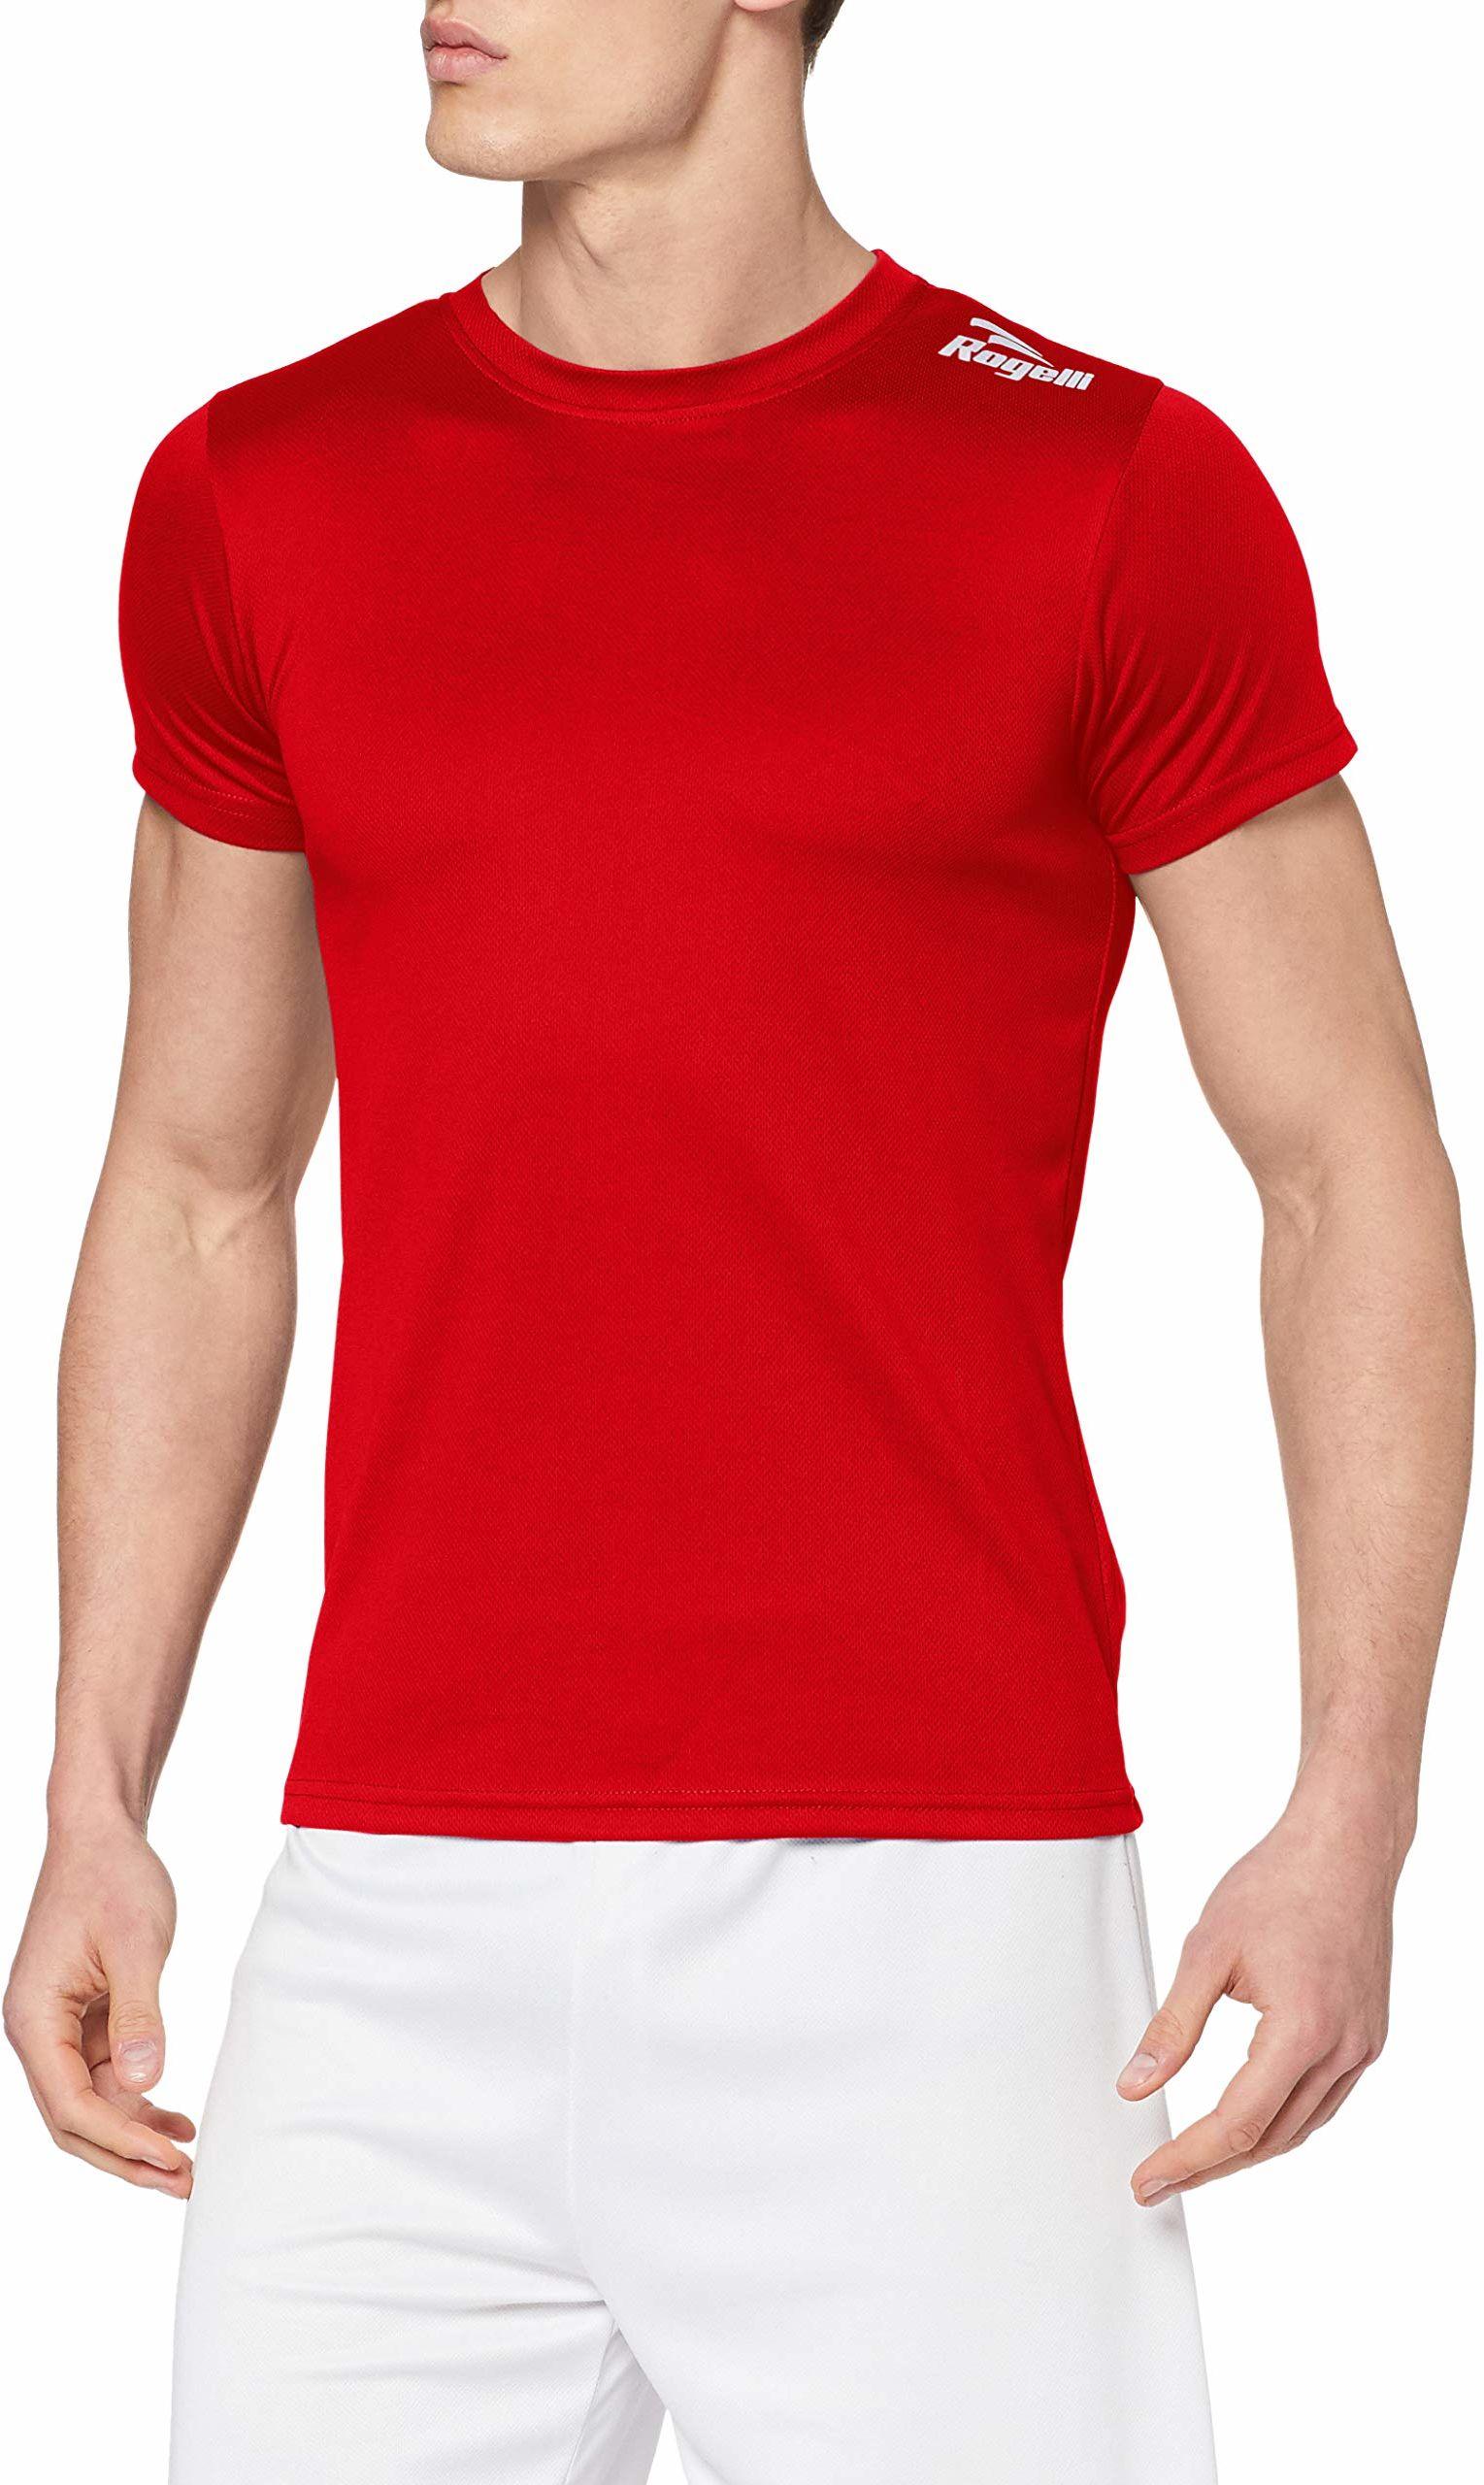 Rogelli męski top z krótkim rękawem Promo, czerwony, XS